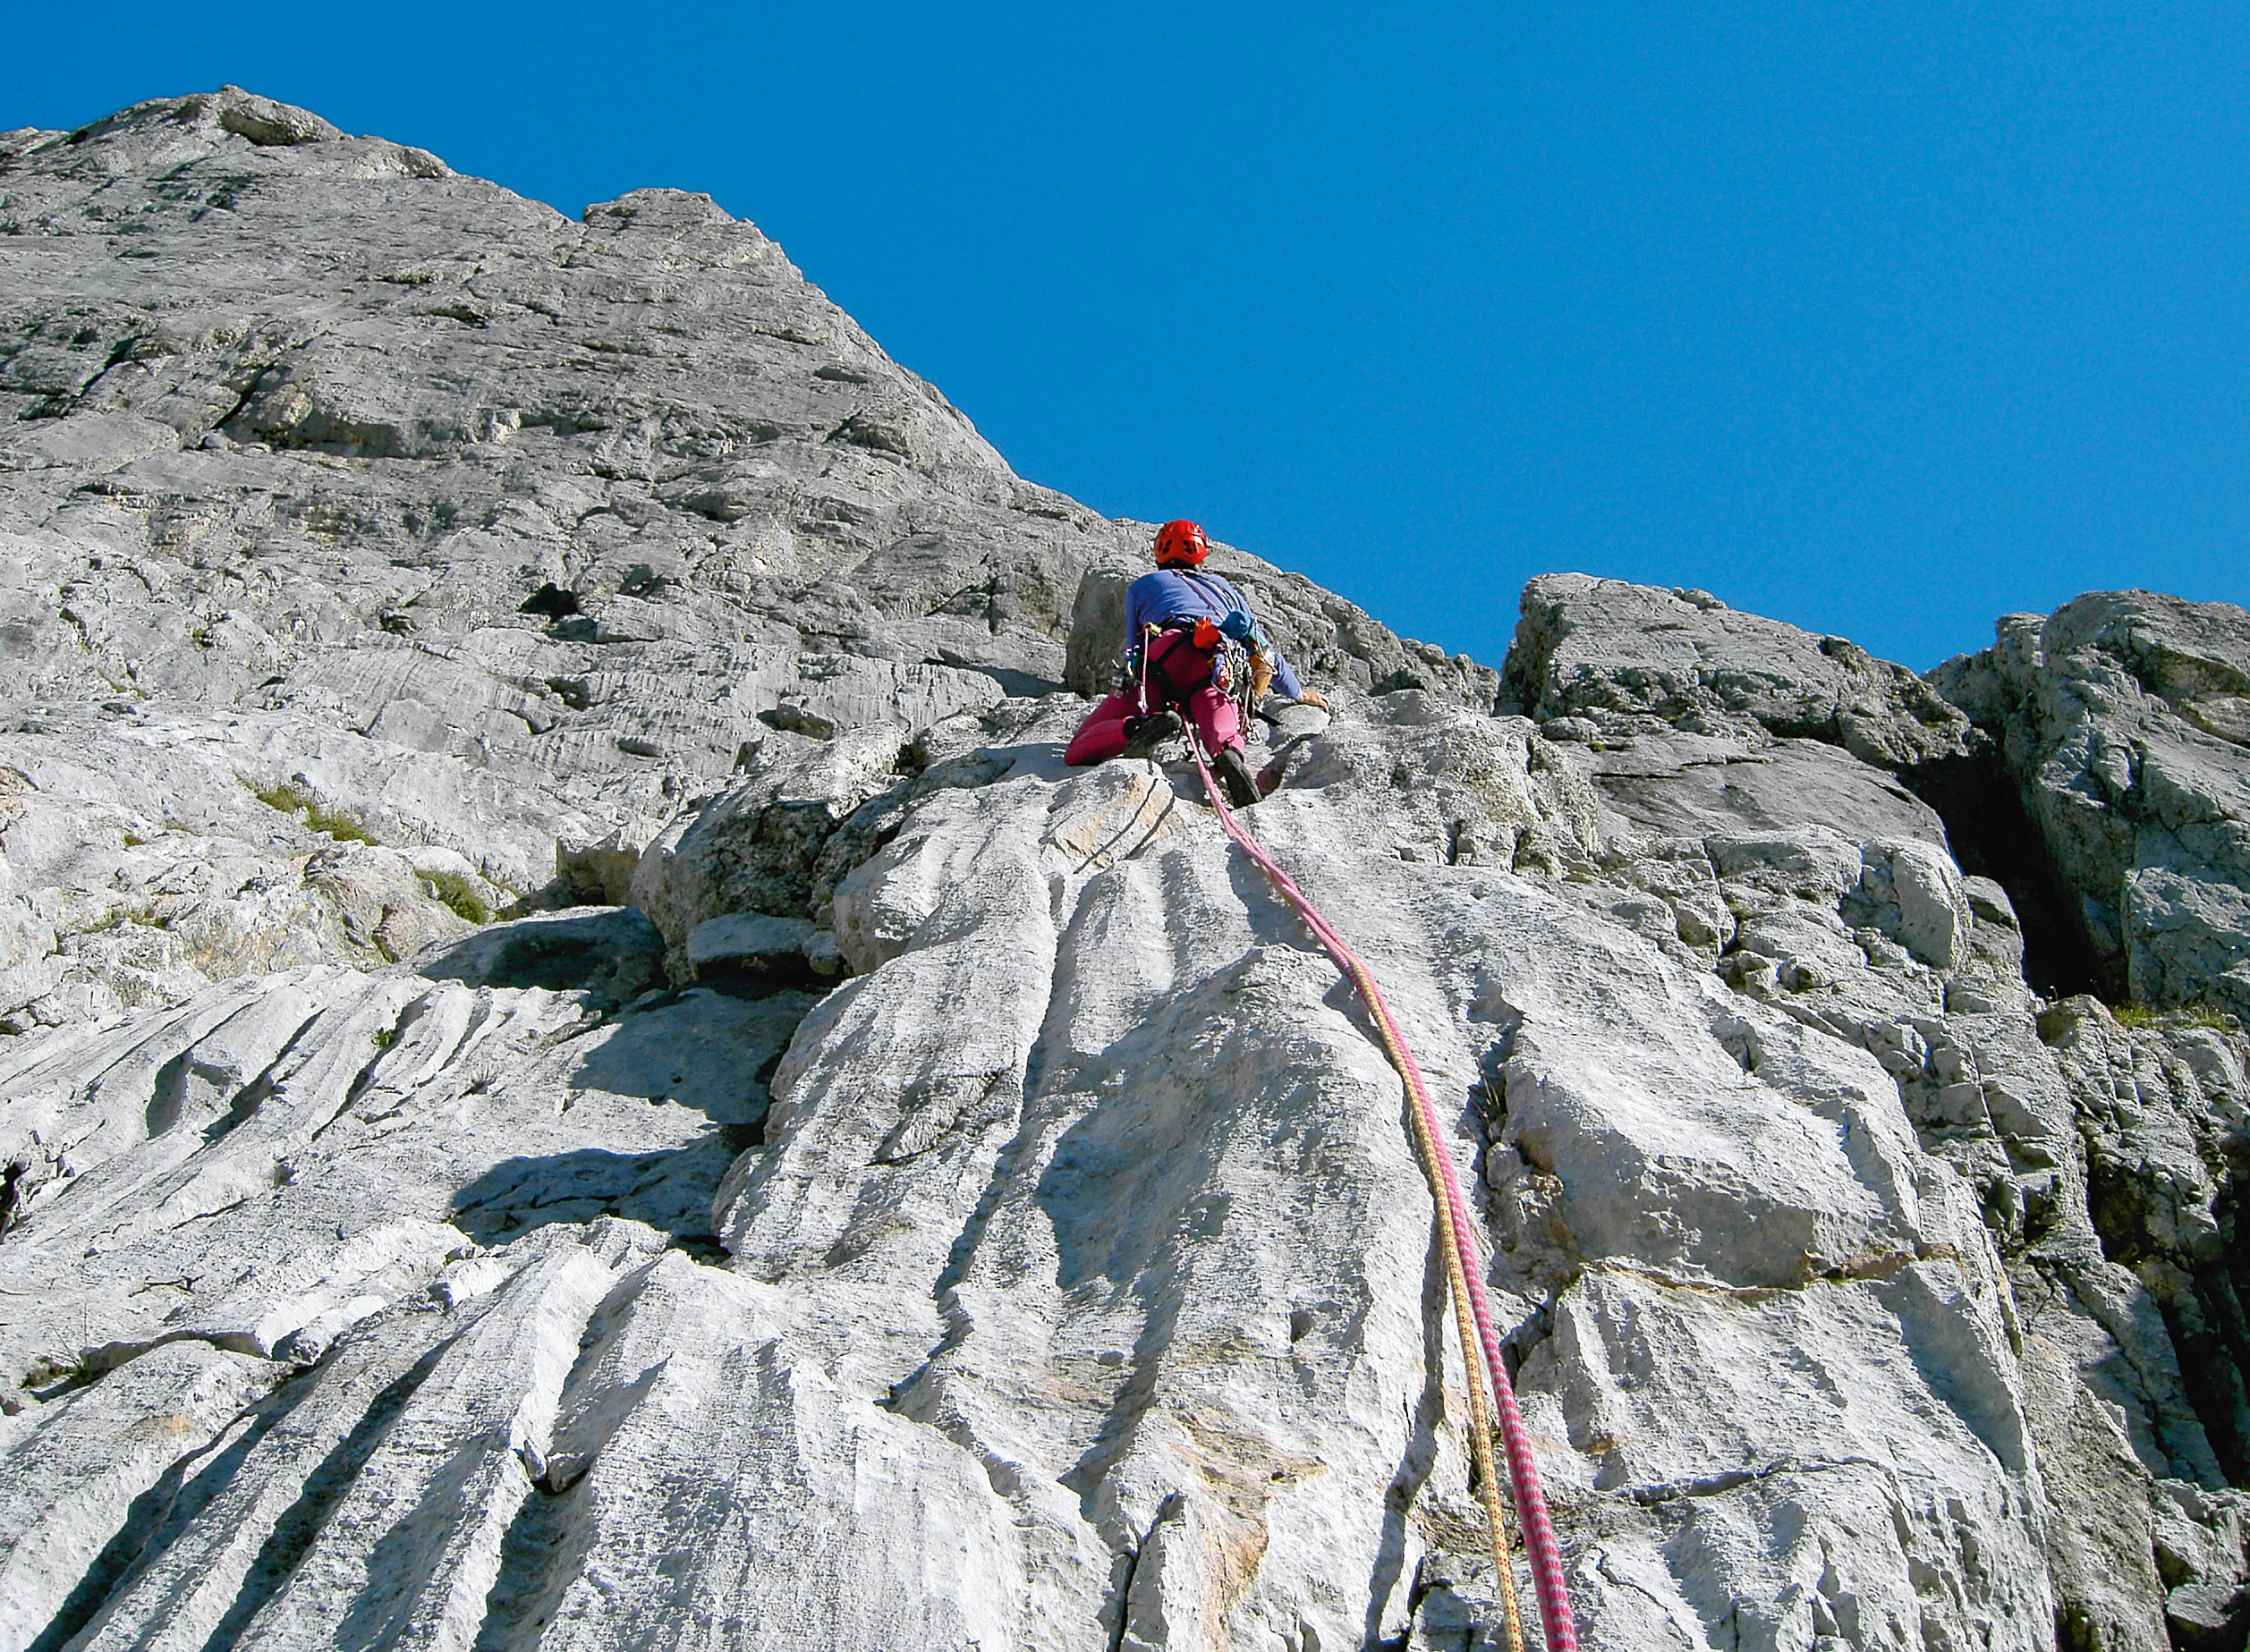 Klettergurt Alpinklettern : Alpinklettern am hochkönig bergsteiger magazin